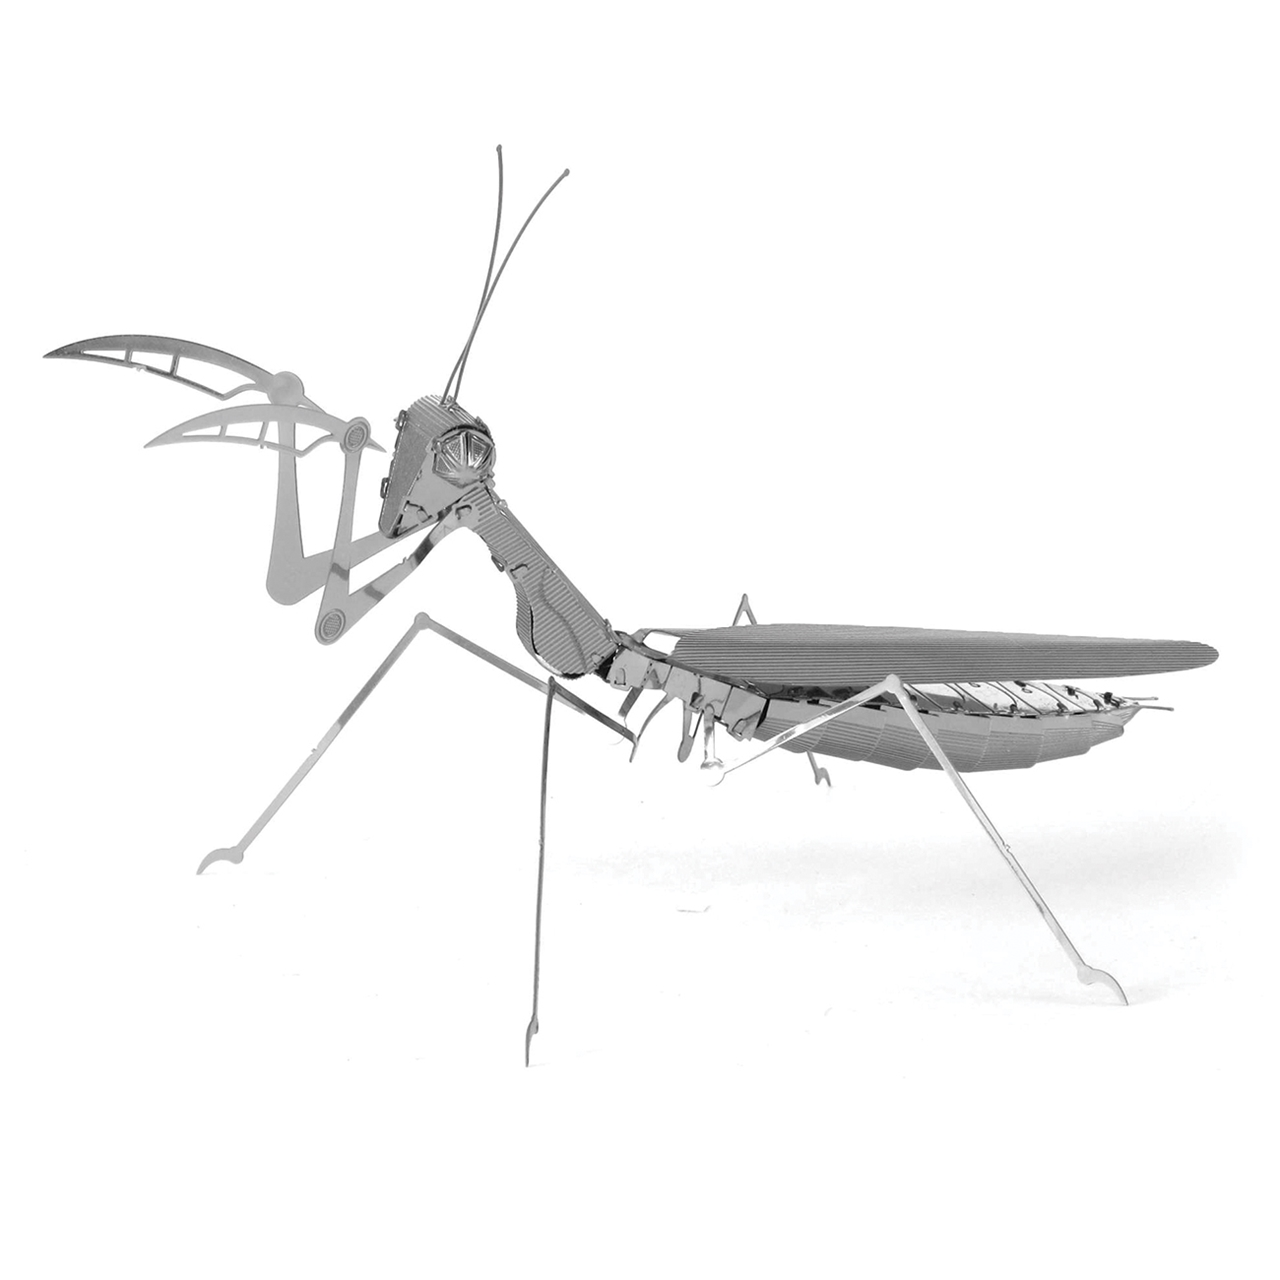 Fascinations - Metal Earth 3D Metal Model DIY Kits - Unique Gifts ...